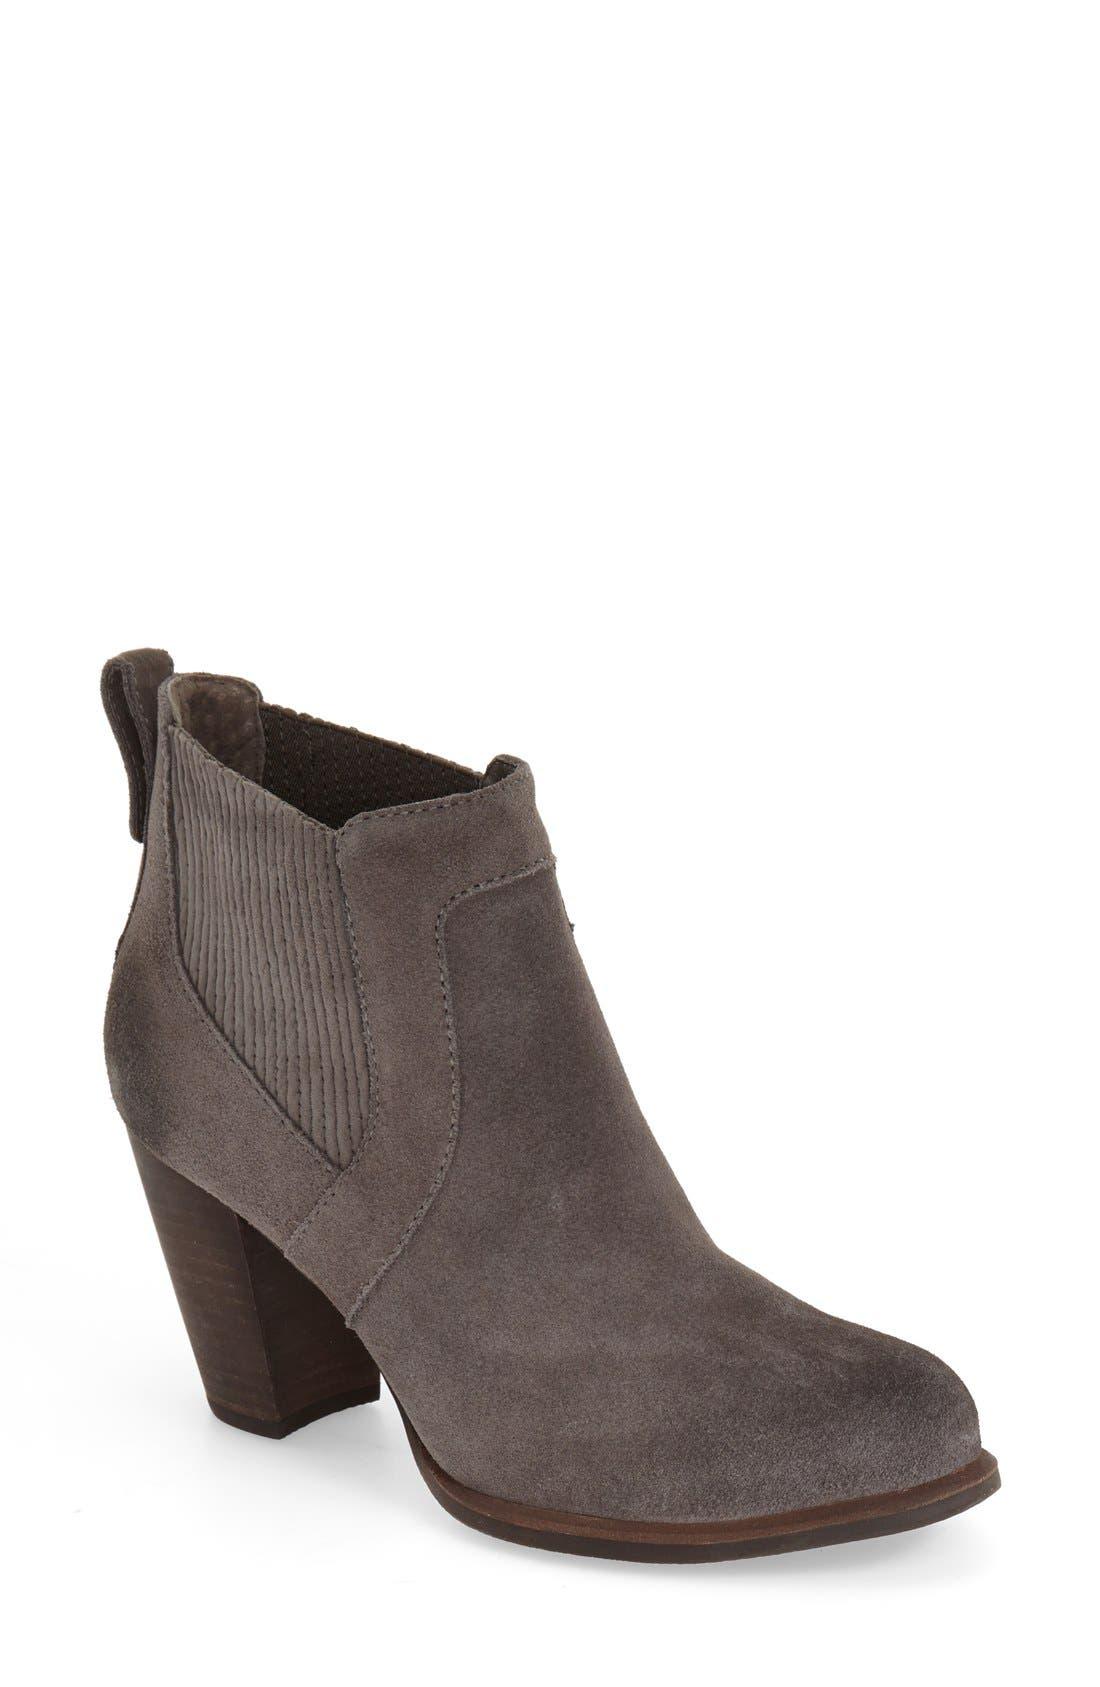 Alternate Image 1 Selected - UGG® 'Cobie II' Block Heel Bootie (Women)